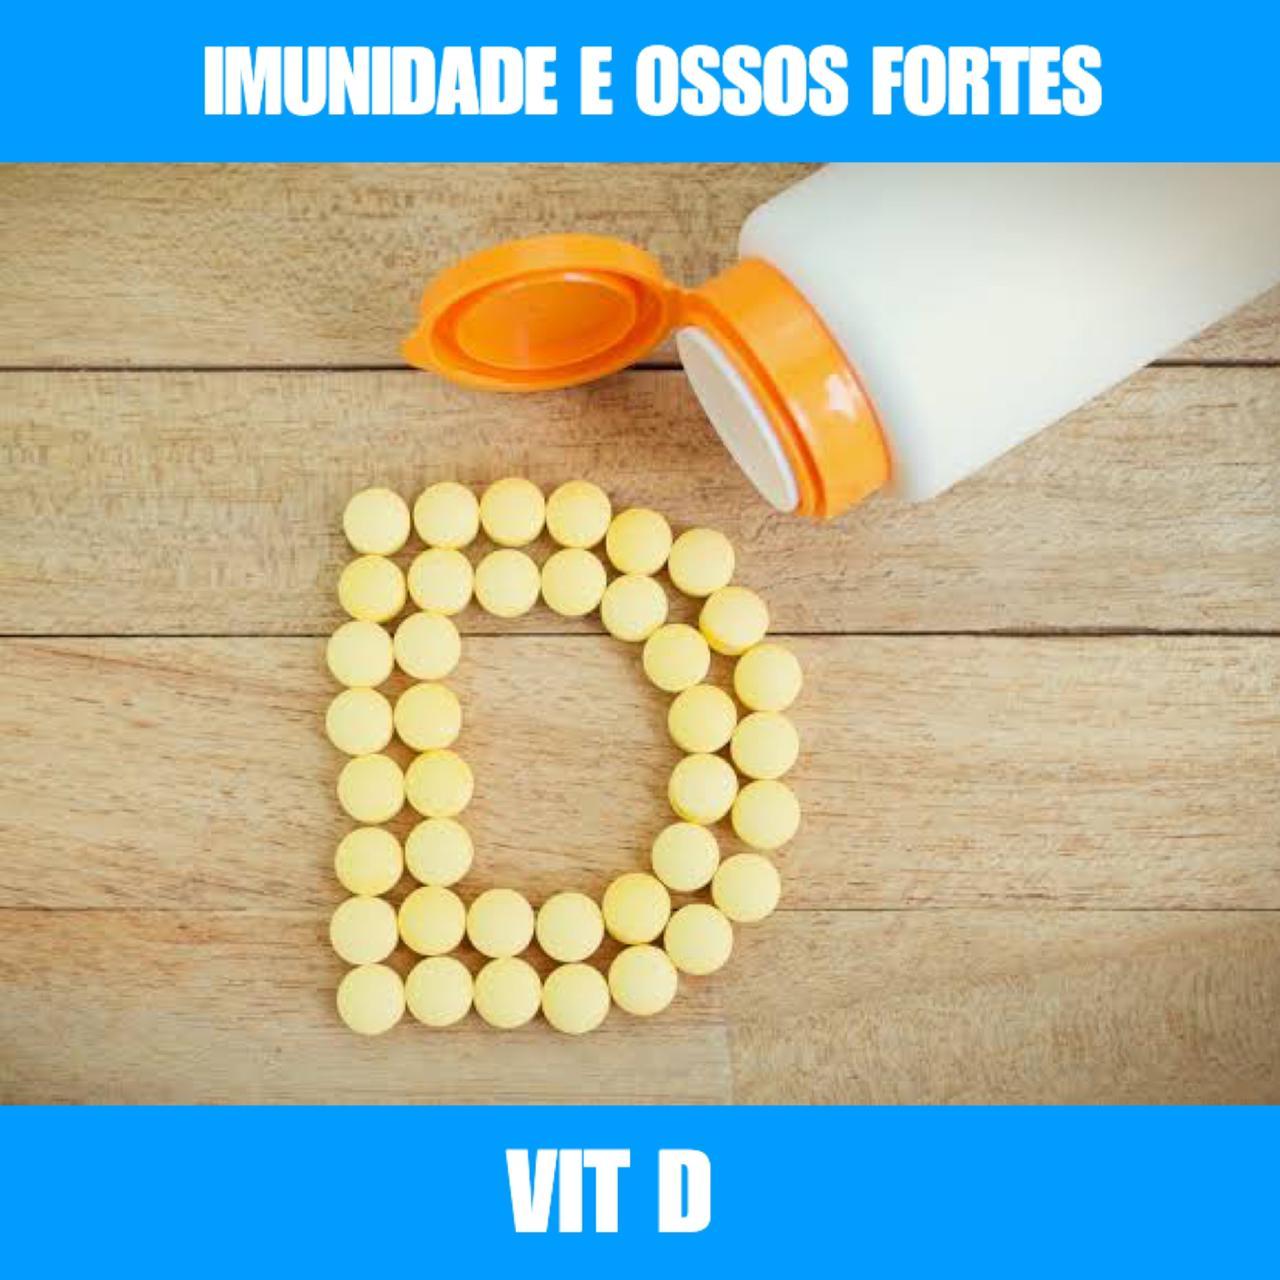 VIT D3 - SAÚDE DOS OSSOS E AUMENTO IMUNIDADE